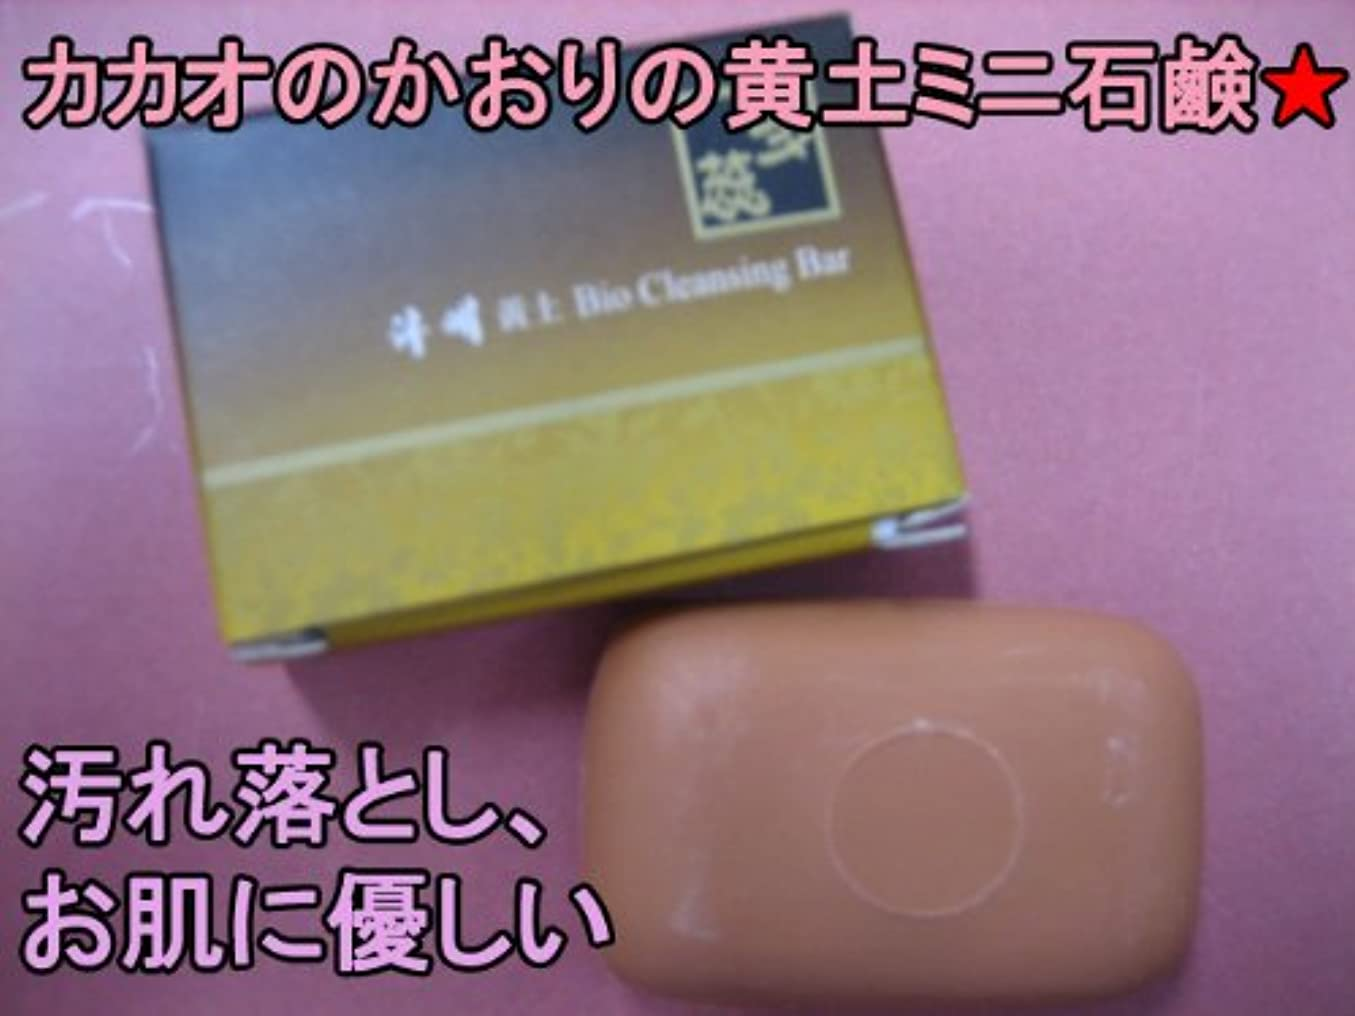 バルブ緑クリーナー「ミニ黄土石鹸」カカオの甘い 香のミニ石鹸★